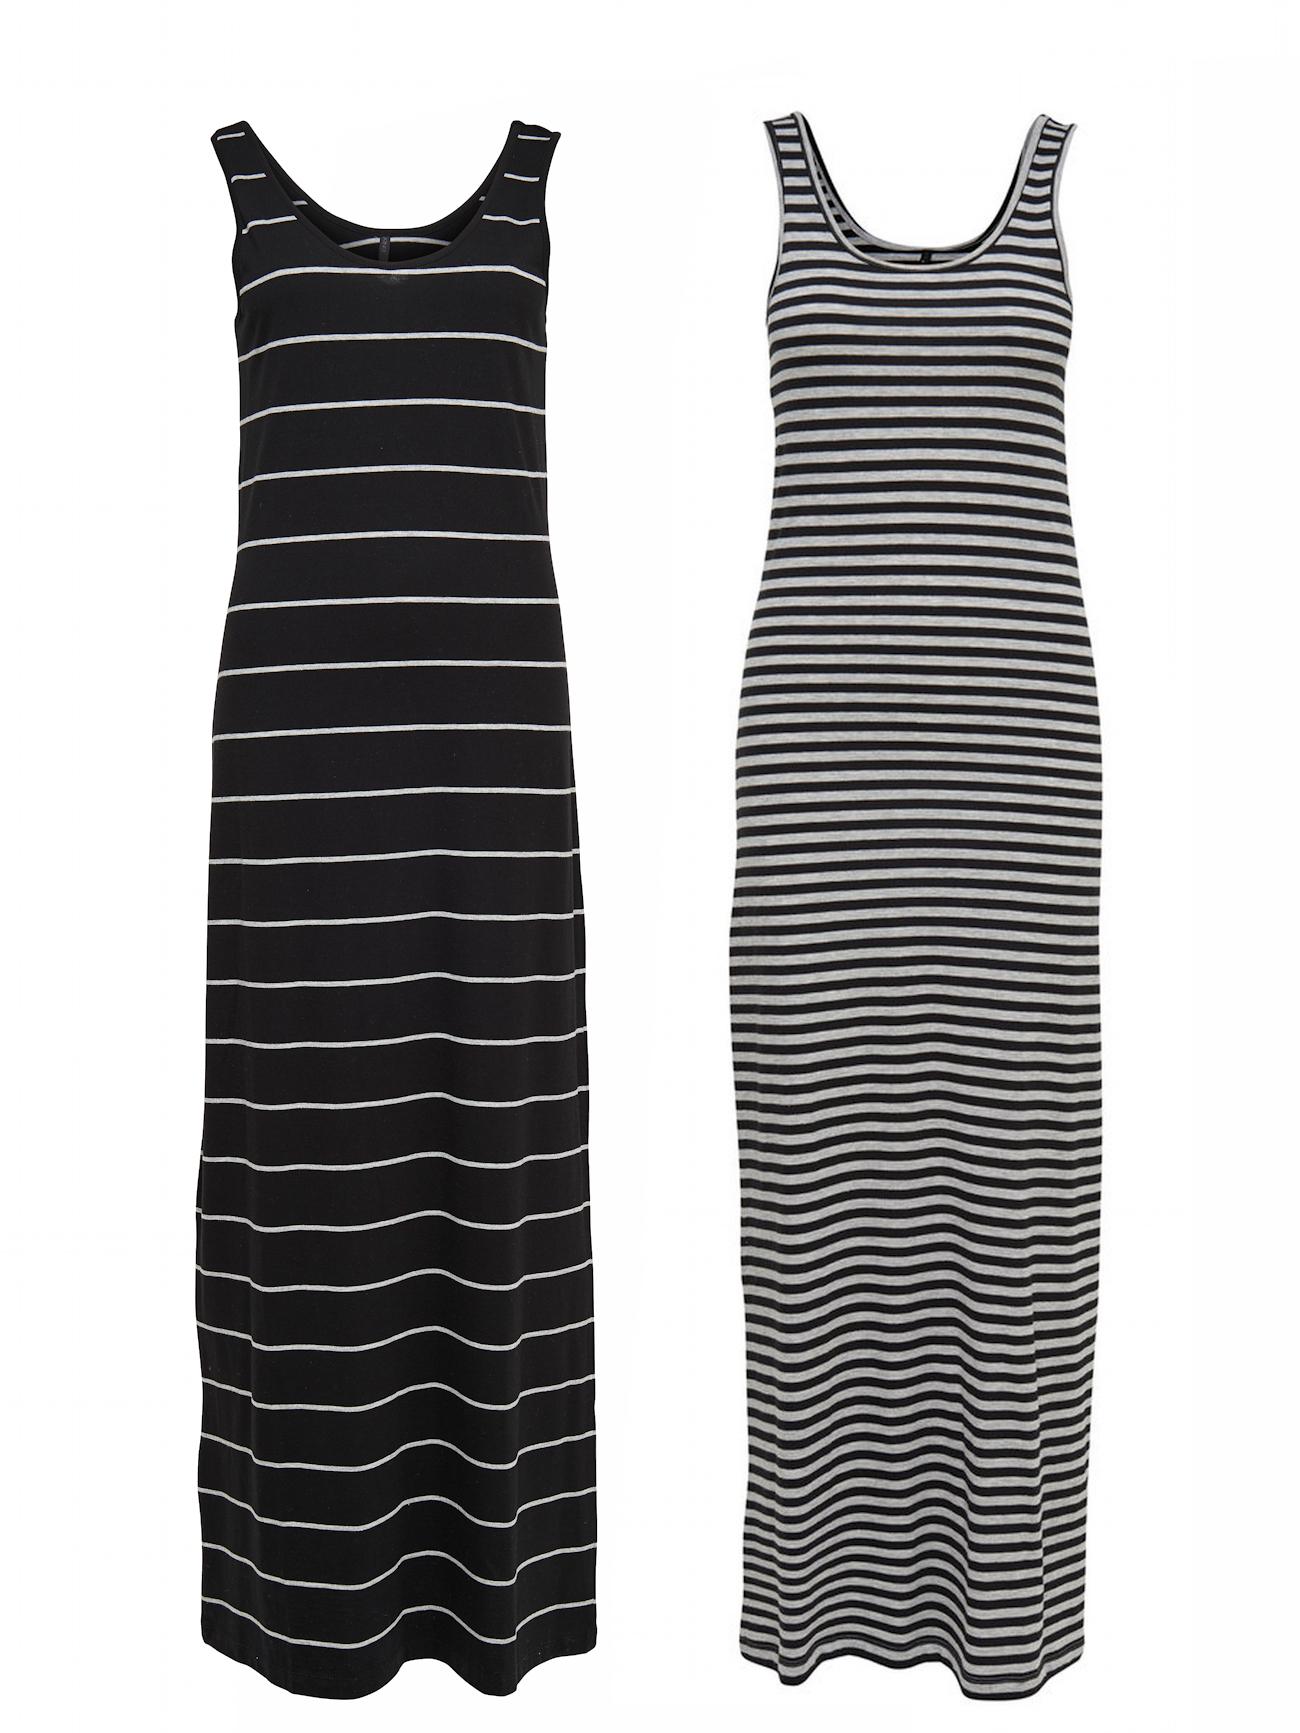 6da8f8cd19c40 Only Damen ärmelloses Kleid Maxikleid lang baumwolle schwarz grau gestreift  NEU